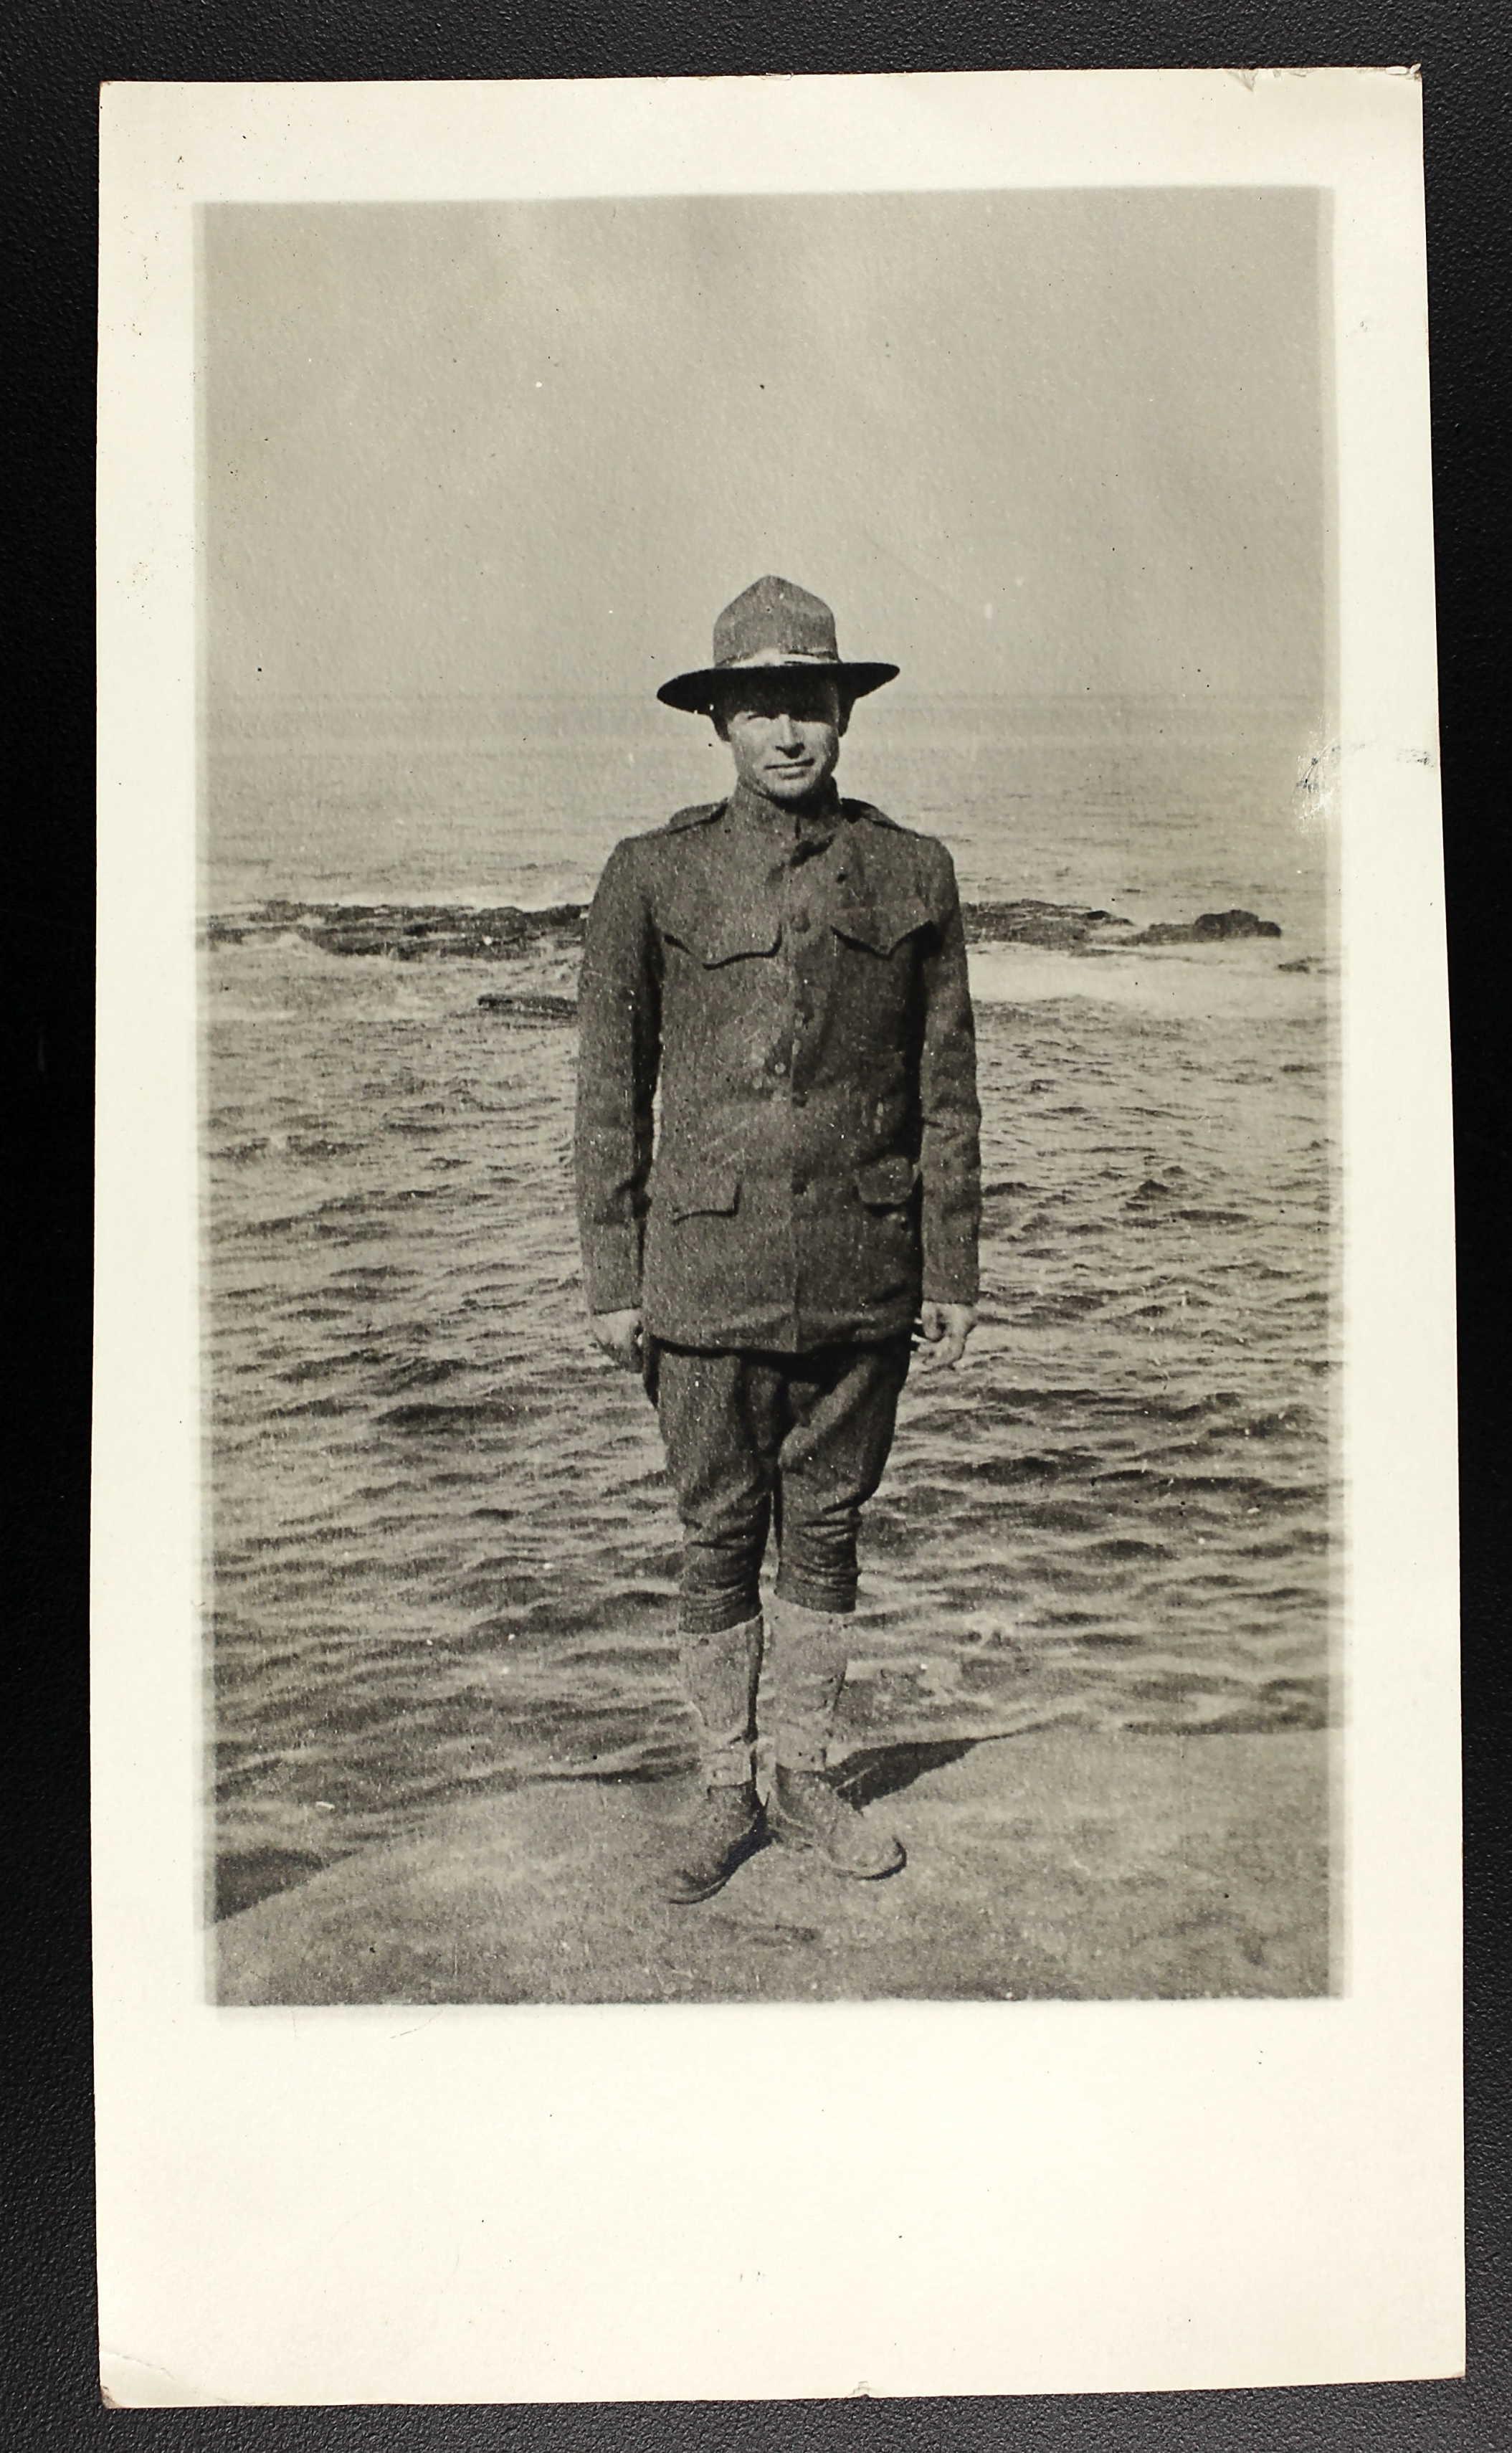 Army Private Frank E. Denham